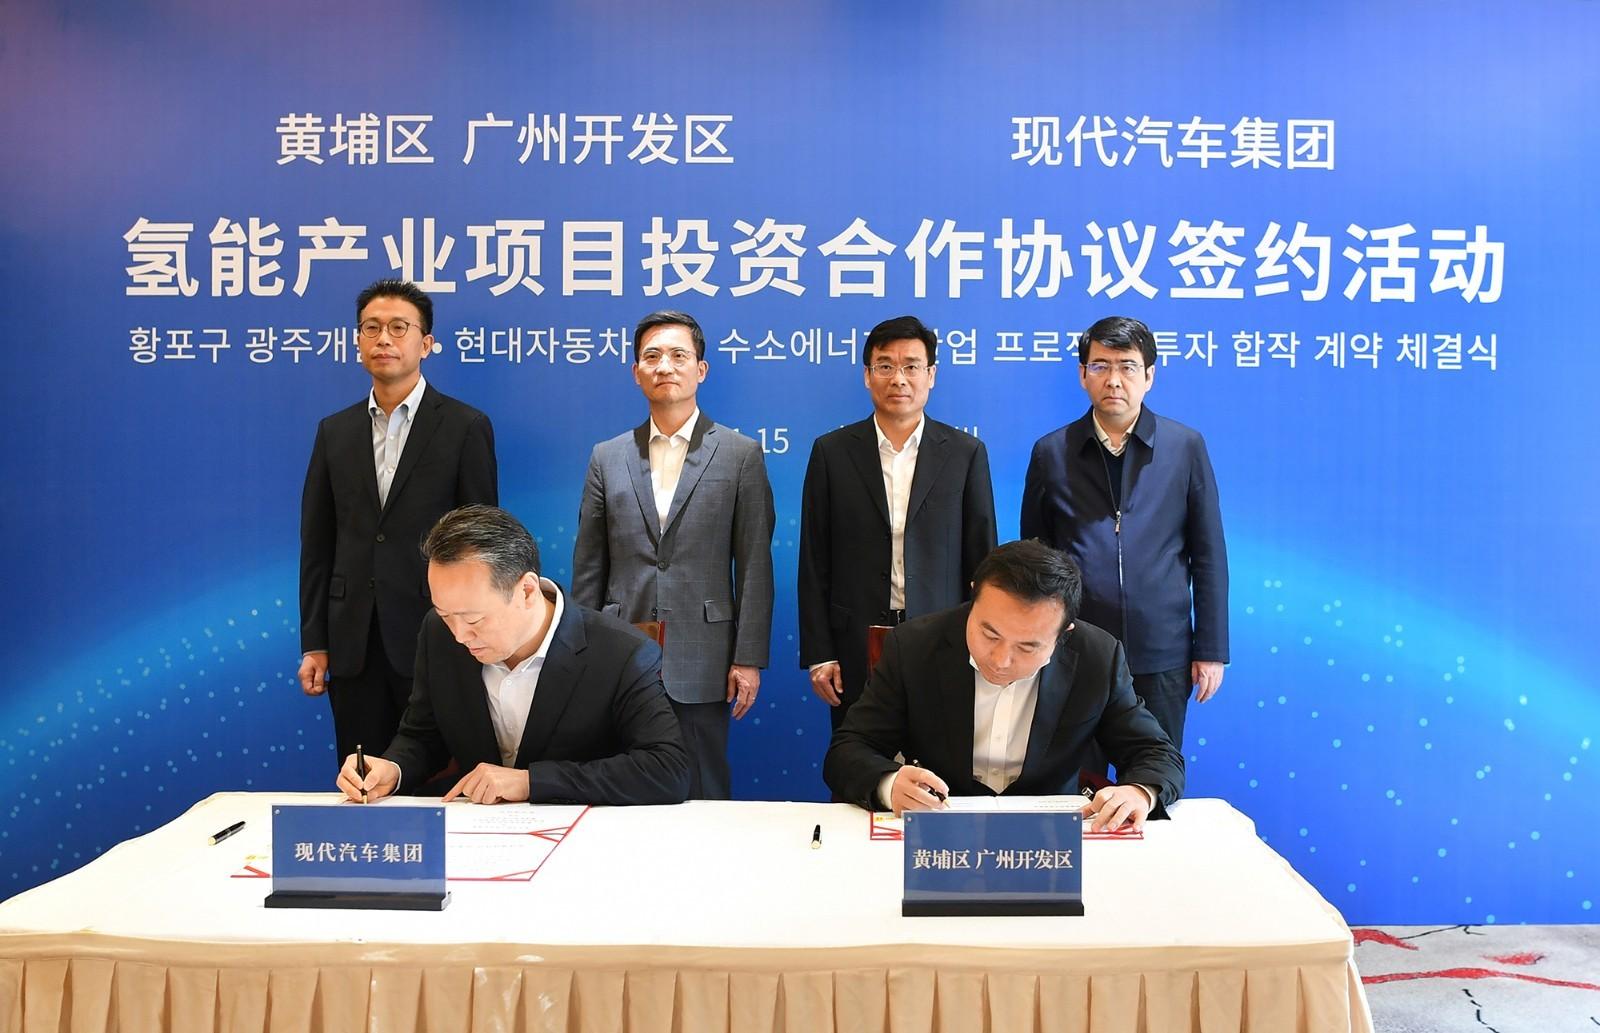 2.现代汽车集团与广州市广州开发区政府签订投资协议.jpg